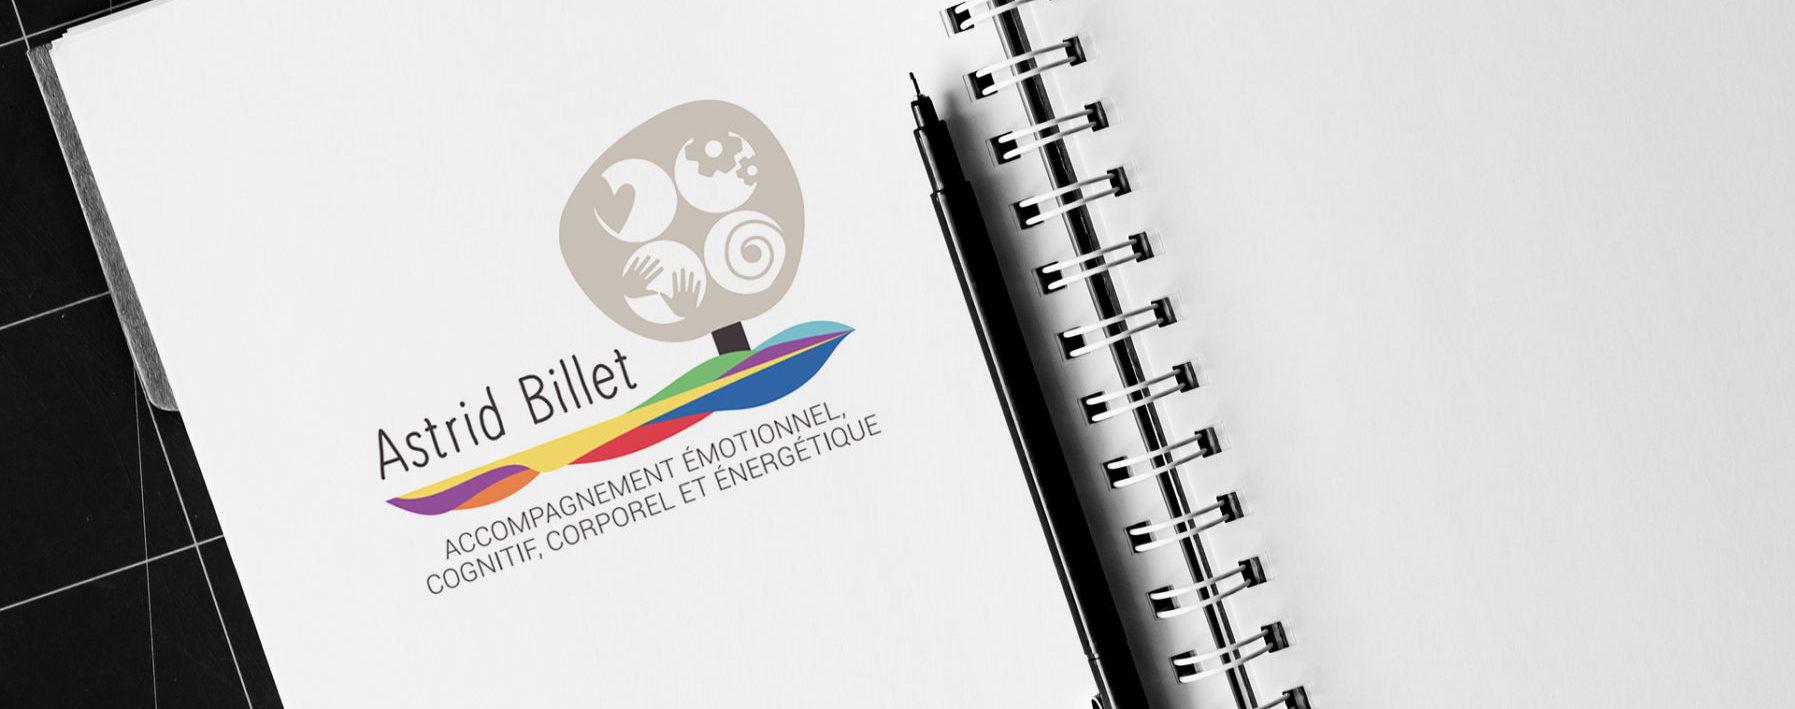 logo-astrid-billet-couverture